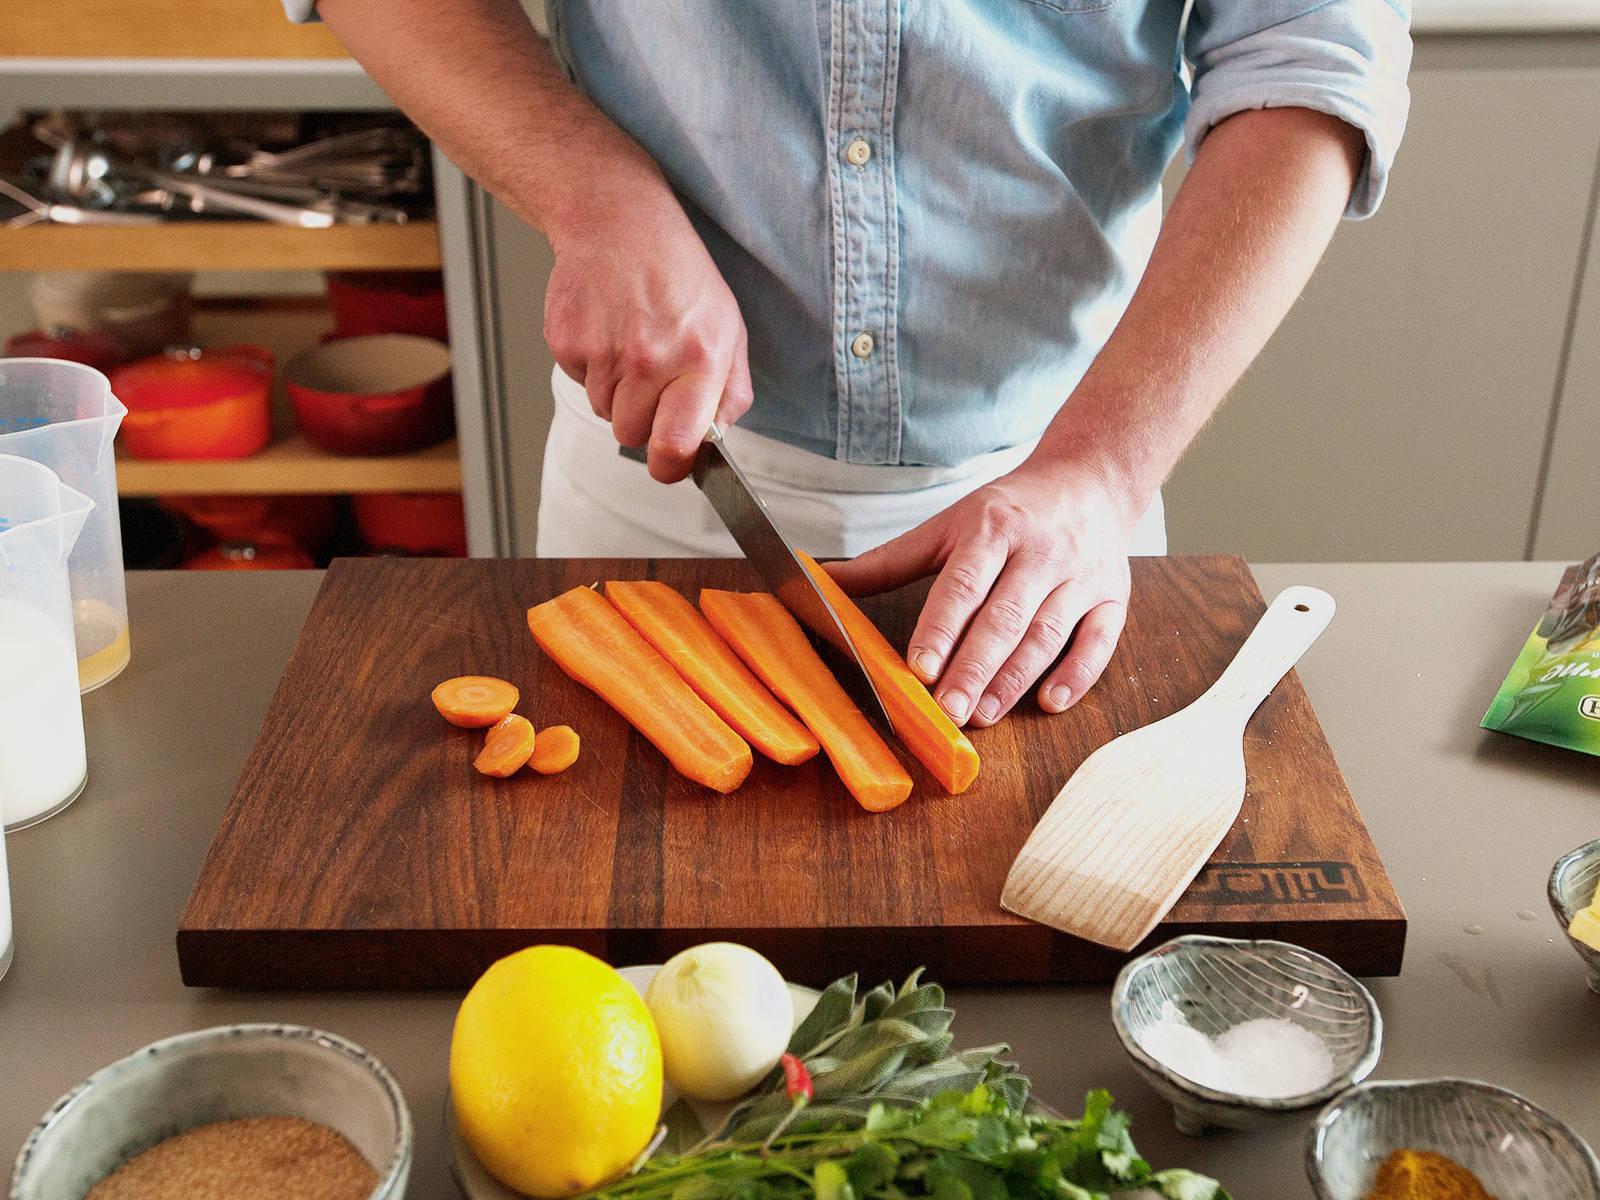 Backofen auf 180°C vorheizen. Zwiebeln schälen und grob schneiden, dann Karotten schälen und längs aufschneiden. Chili aufschneiden, Samen herauskratzen und hacken. Ca. die Hälfte des Salbeis hacken. Die Kürbishälfte und die Karotten in eine Auflaufform oder eine ofenfeste Pfanne geben.